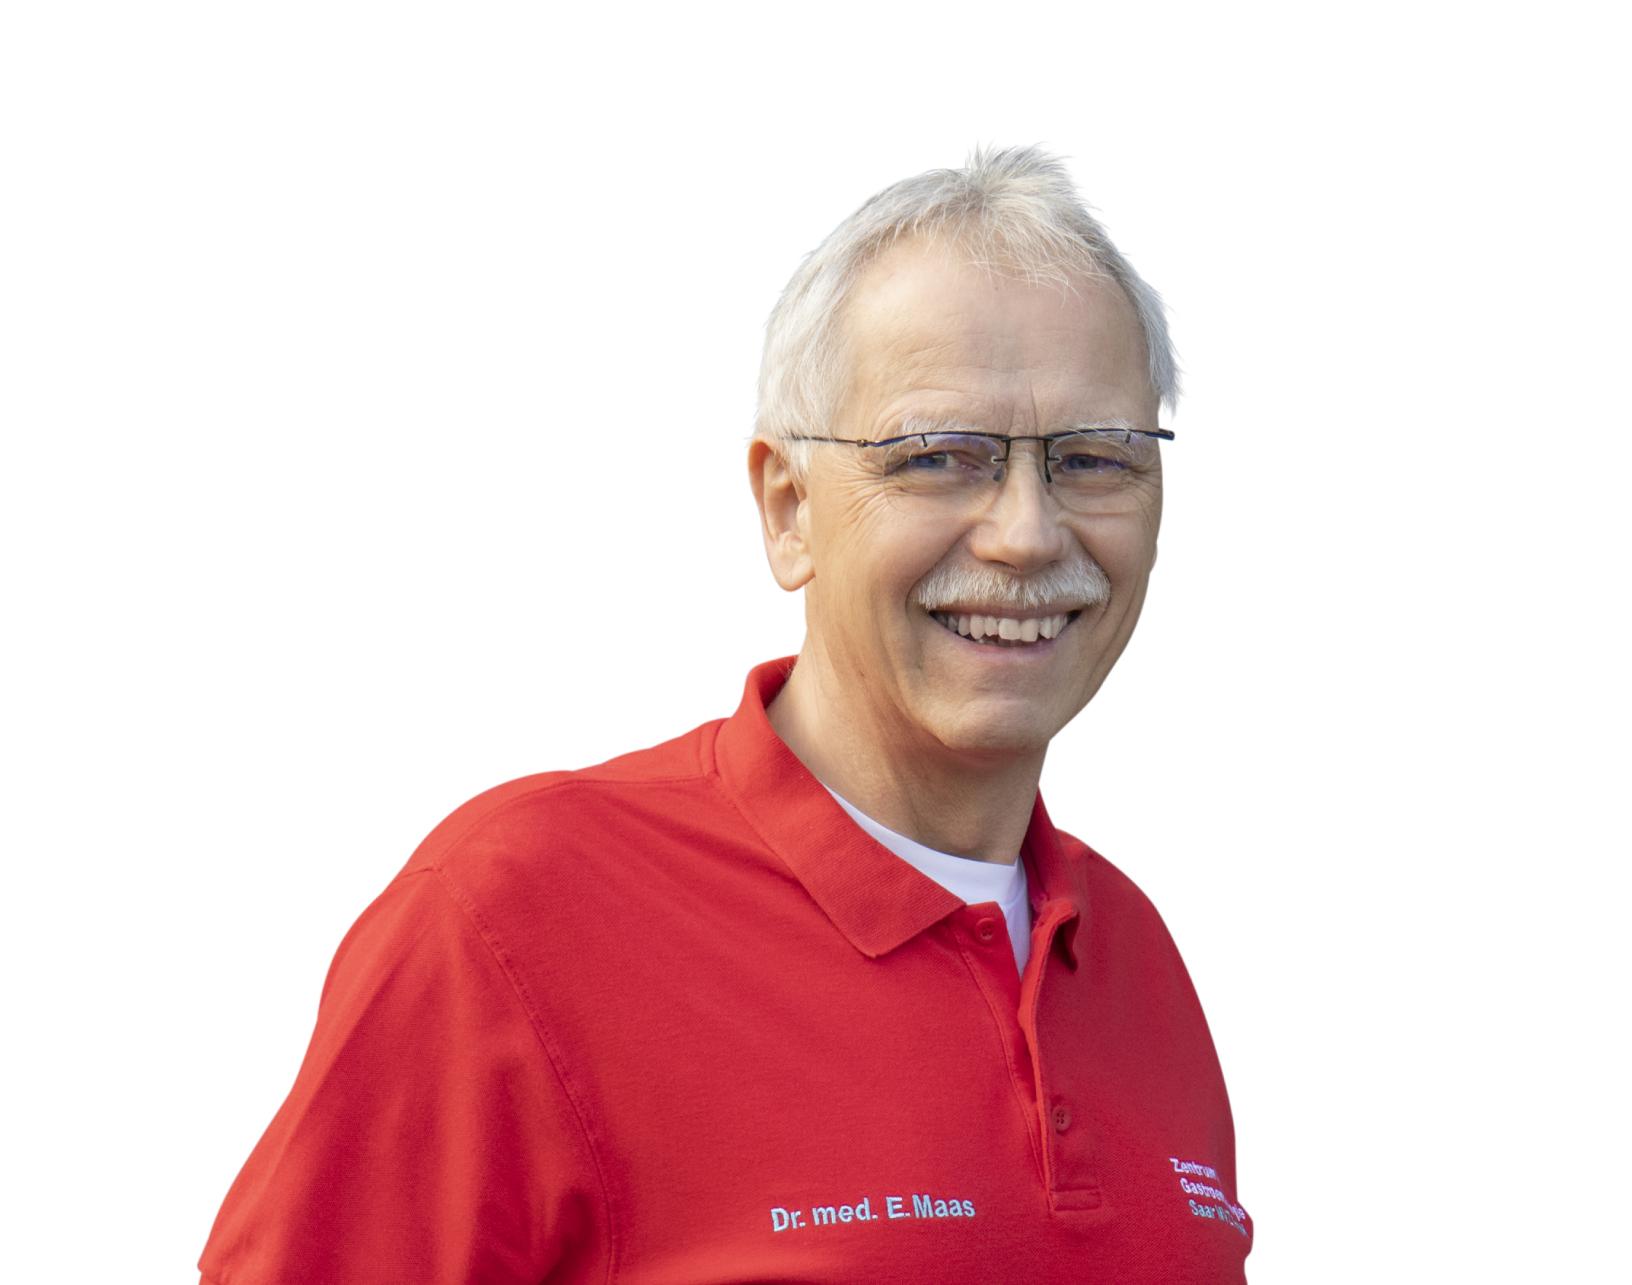 Dr. med. Edgar Maas